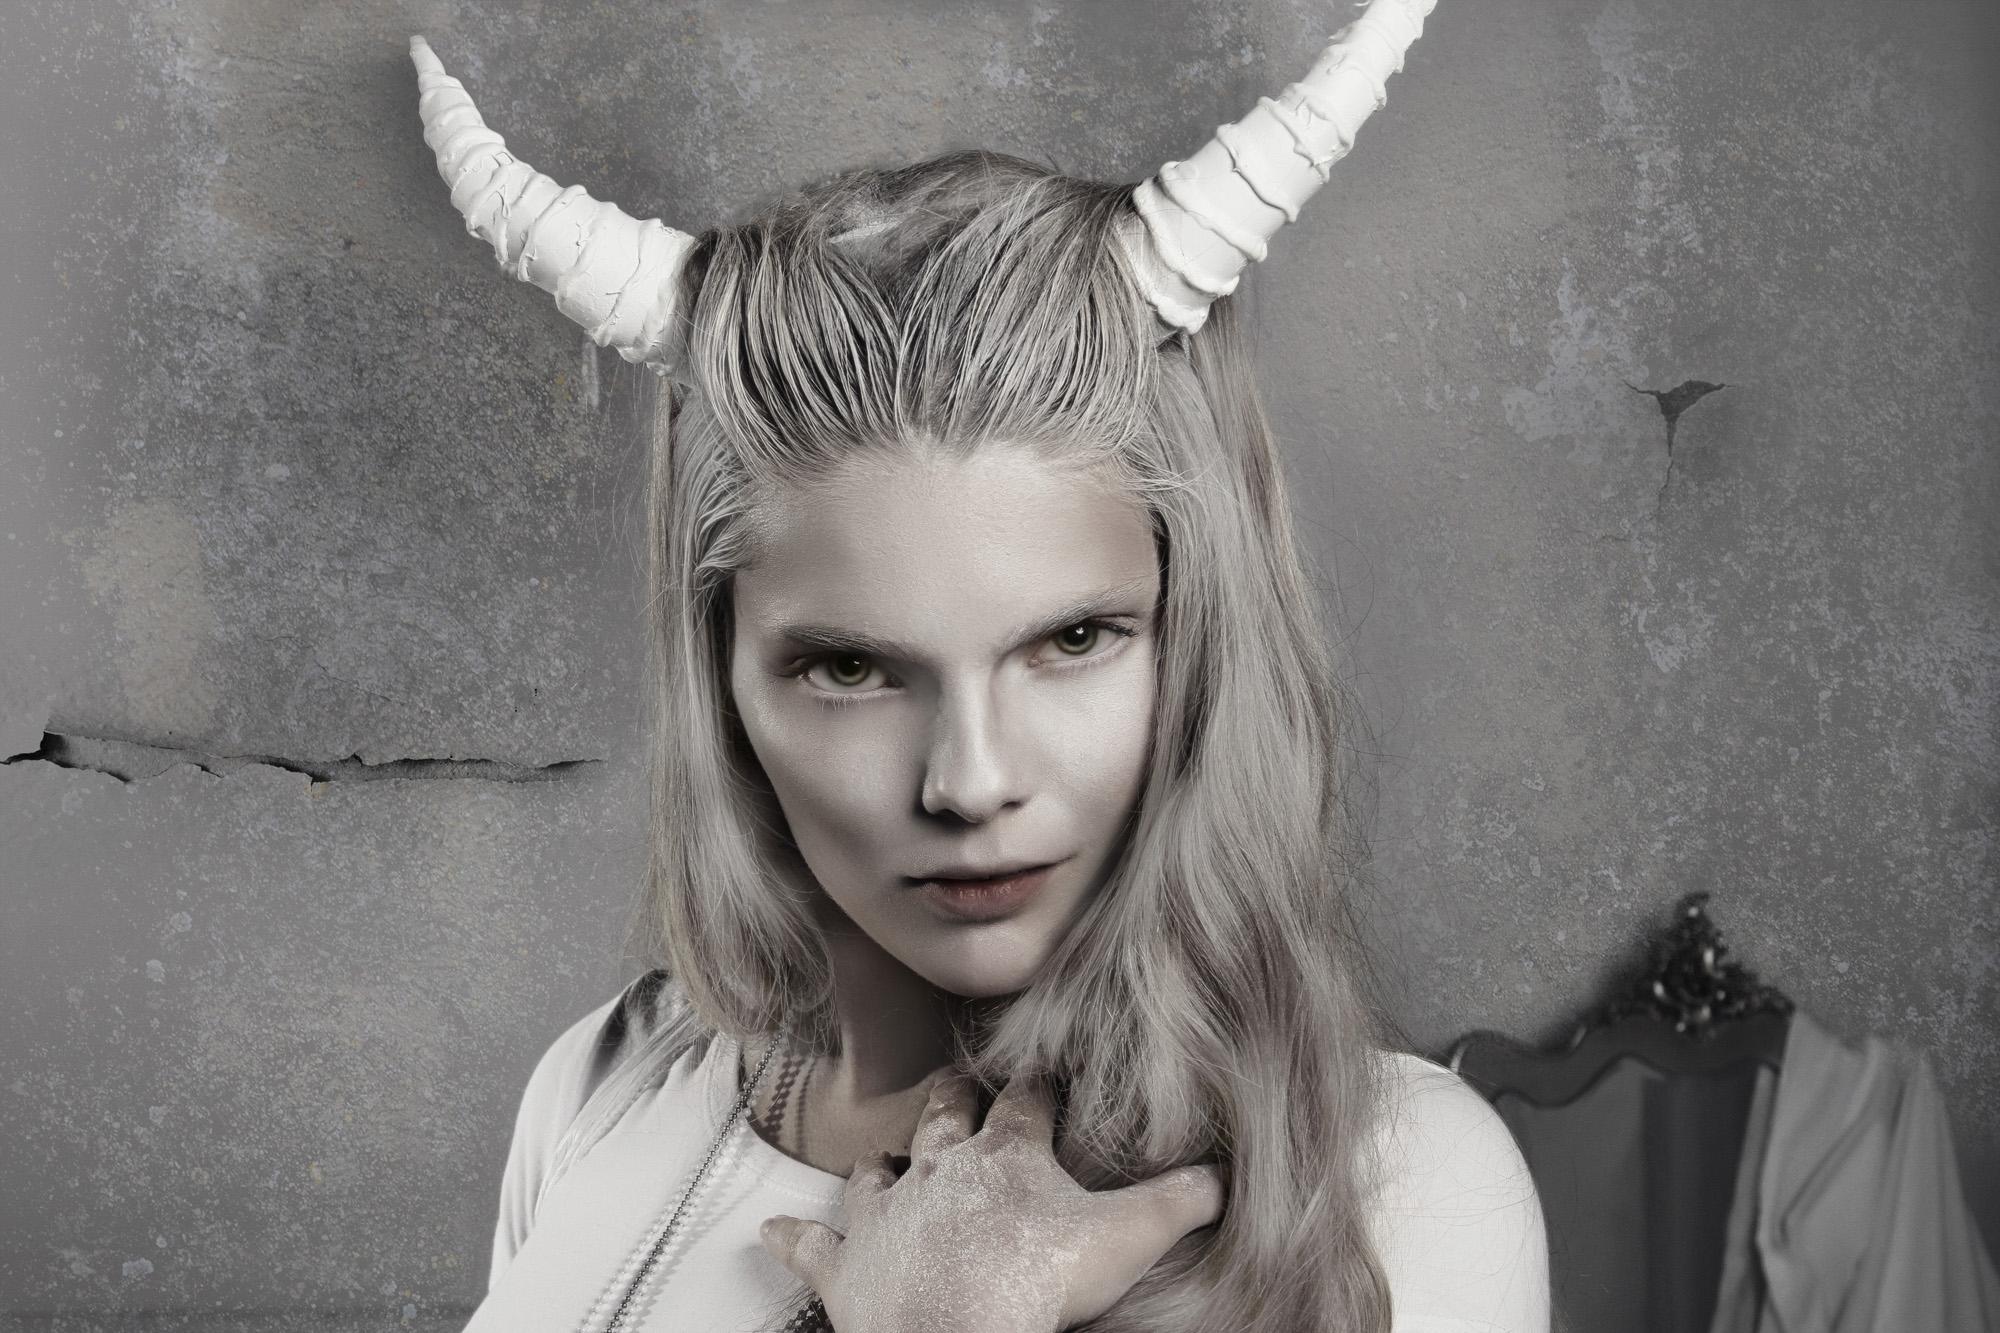 Sacha van Manen Photography (ismstudio.com) - Freeke den Dulk - hair makeup Dominique Haveman (InYourFaceVisagie and inyourfacevisagie.nl)